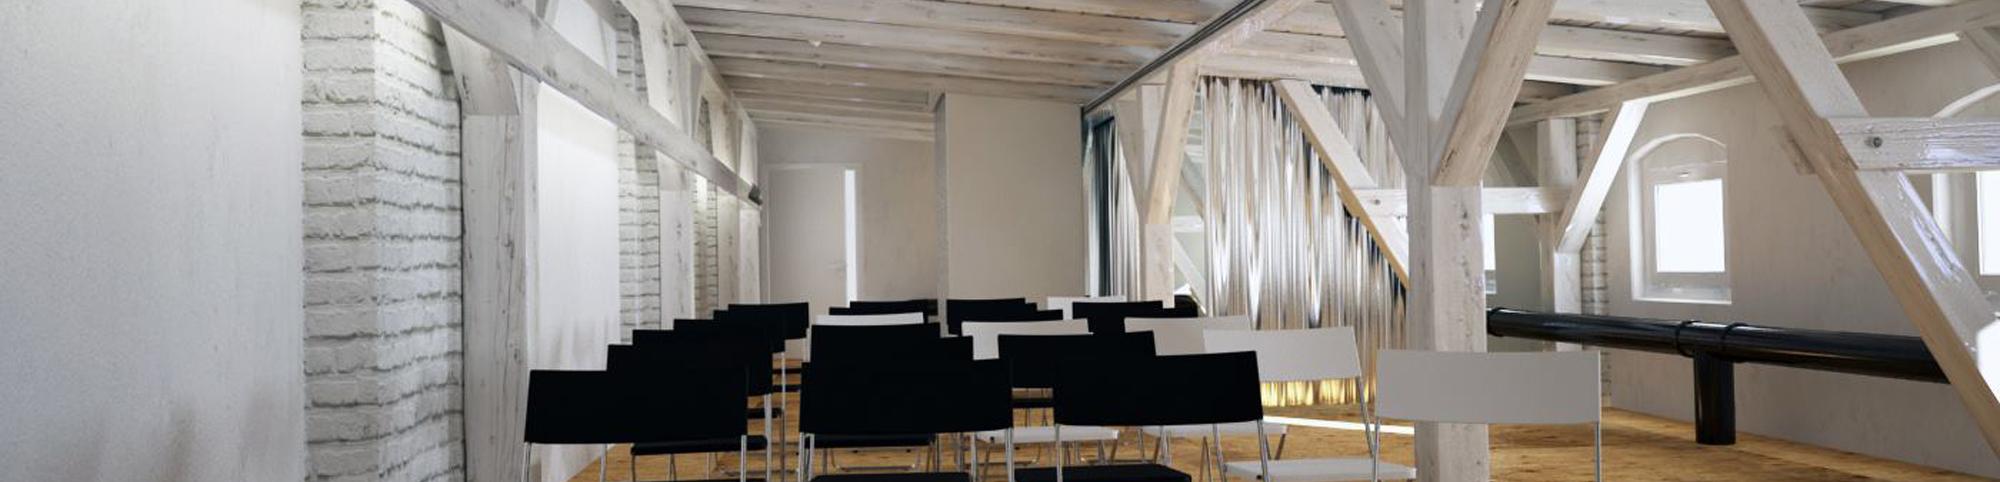 Tworzymy nową przestrzeń kulturalną w Opolu